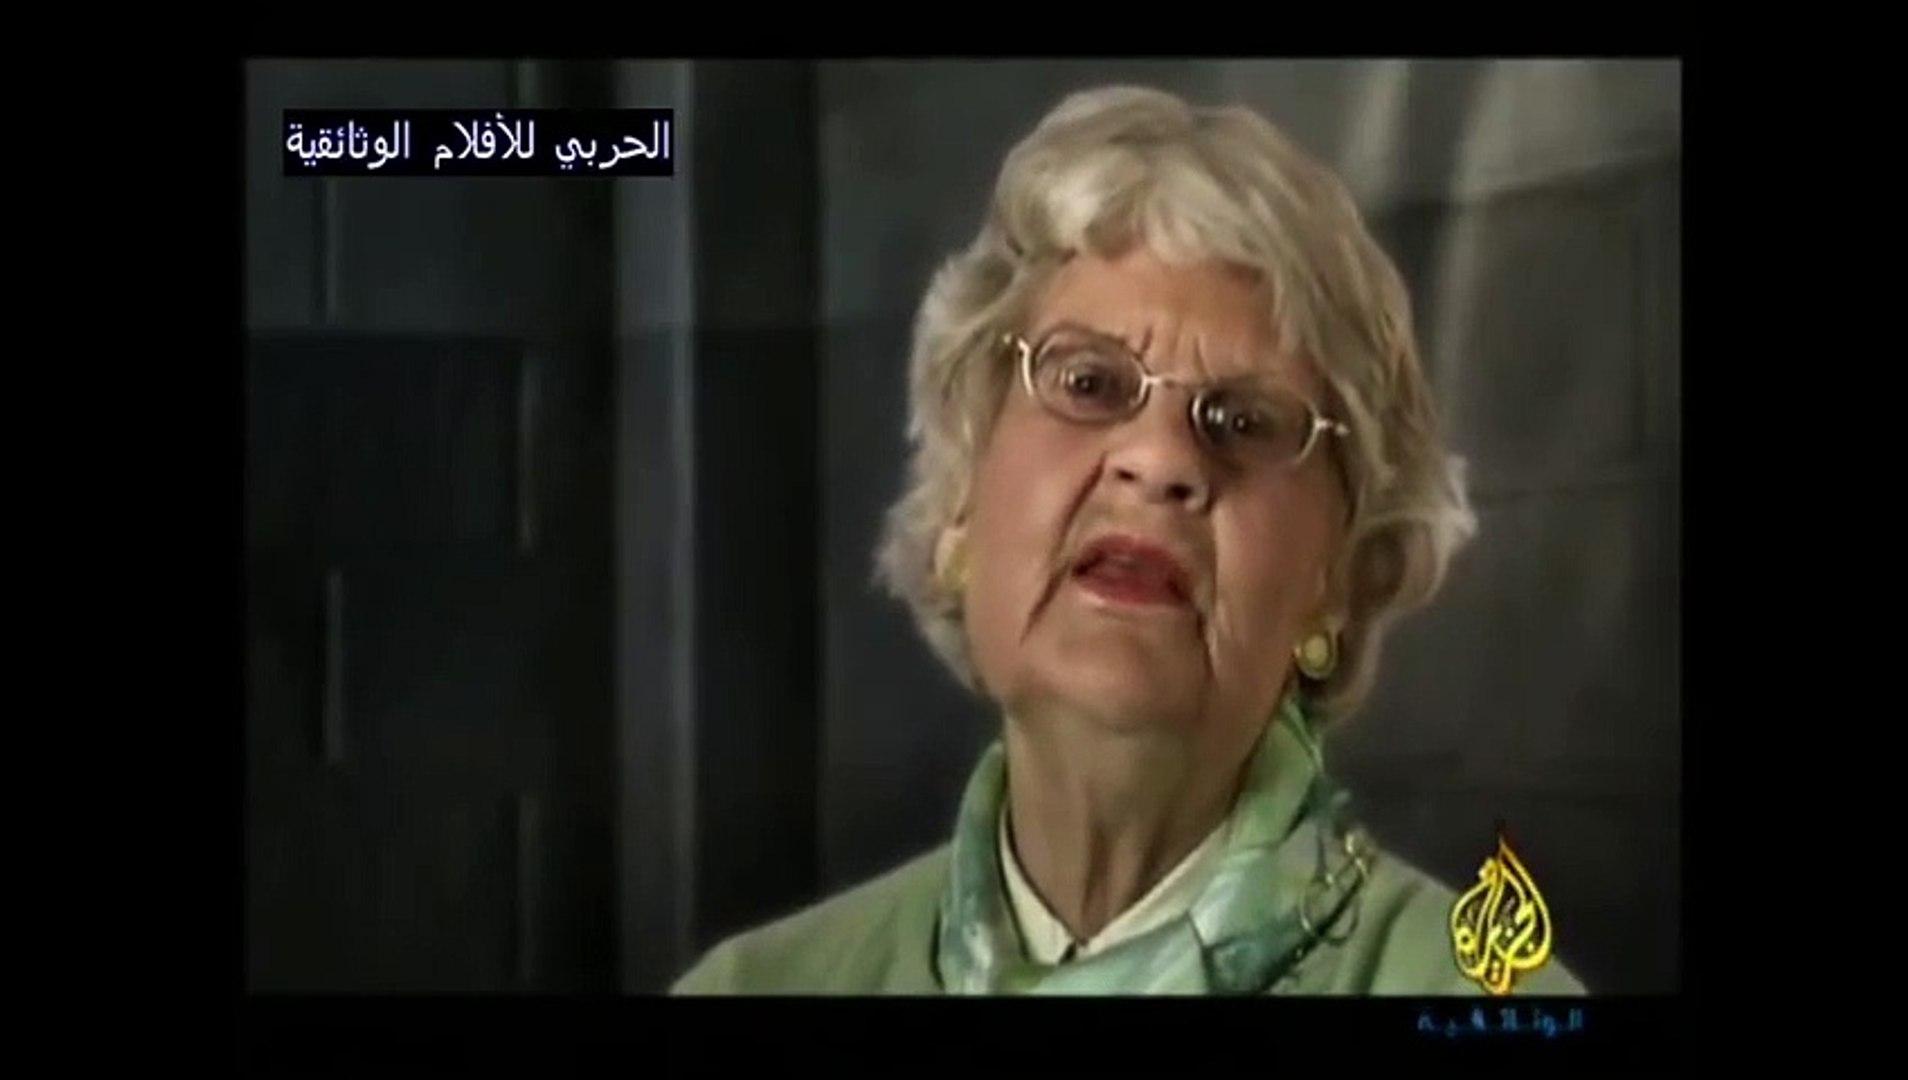 وثائقي اوبنهايمر المحاكمة النووية الجزء1